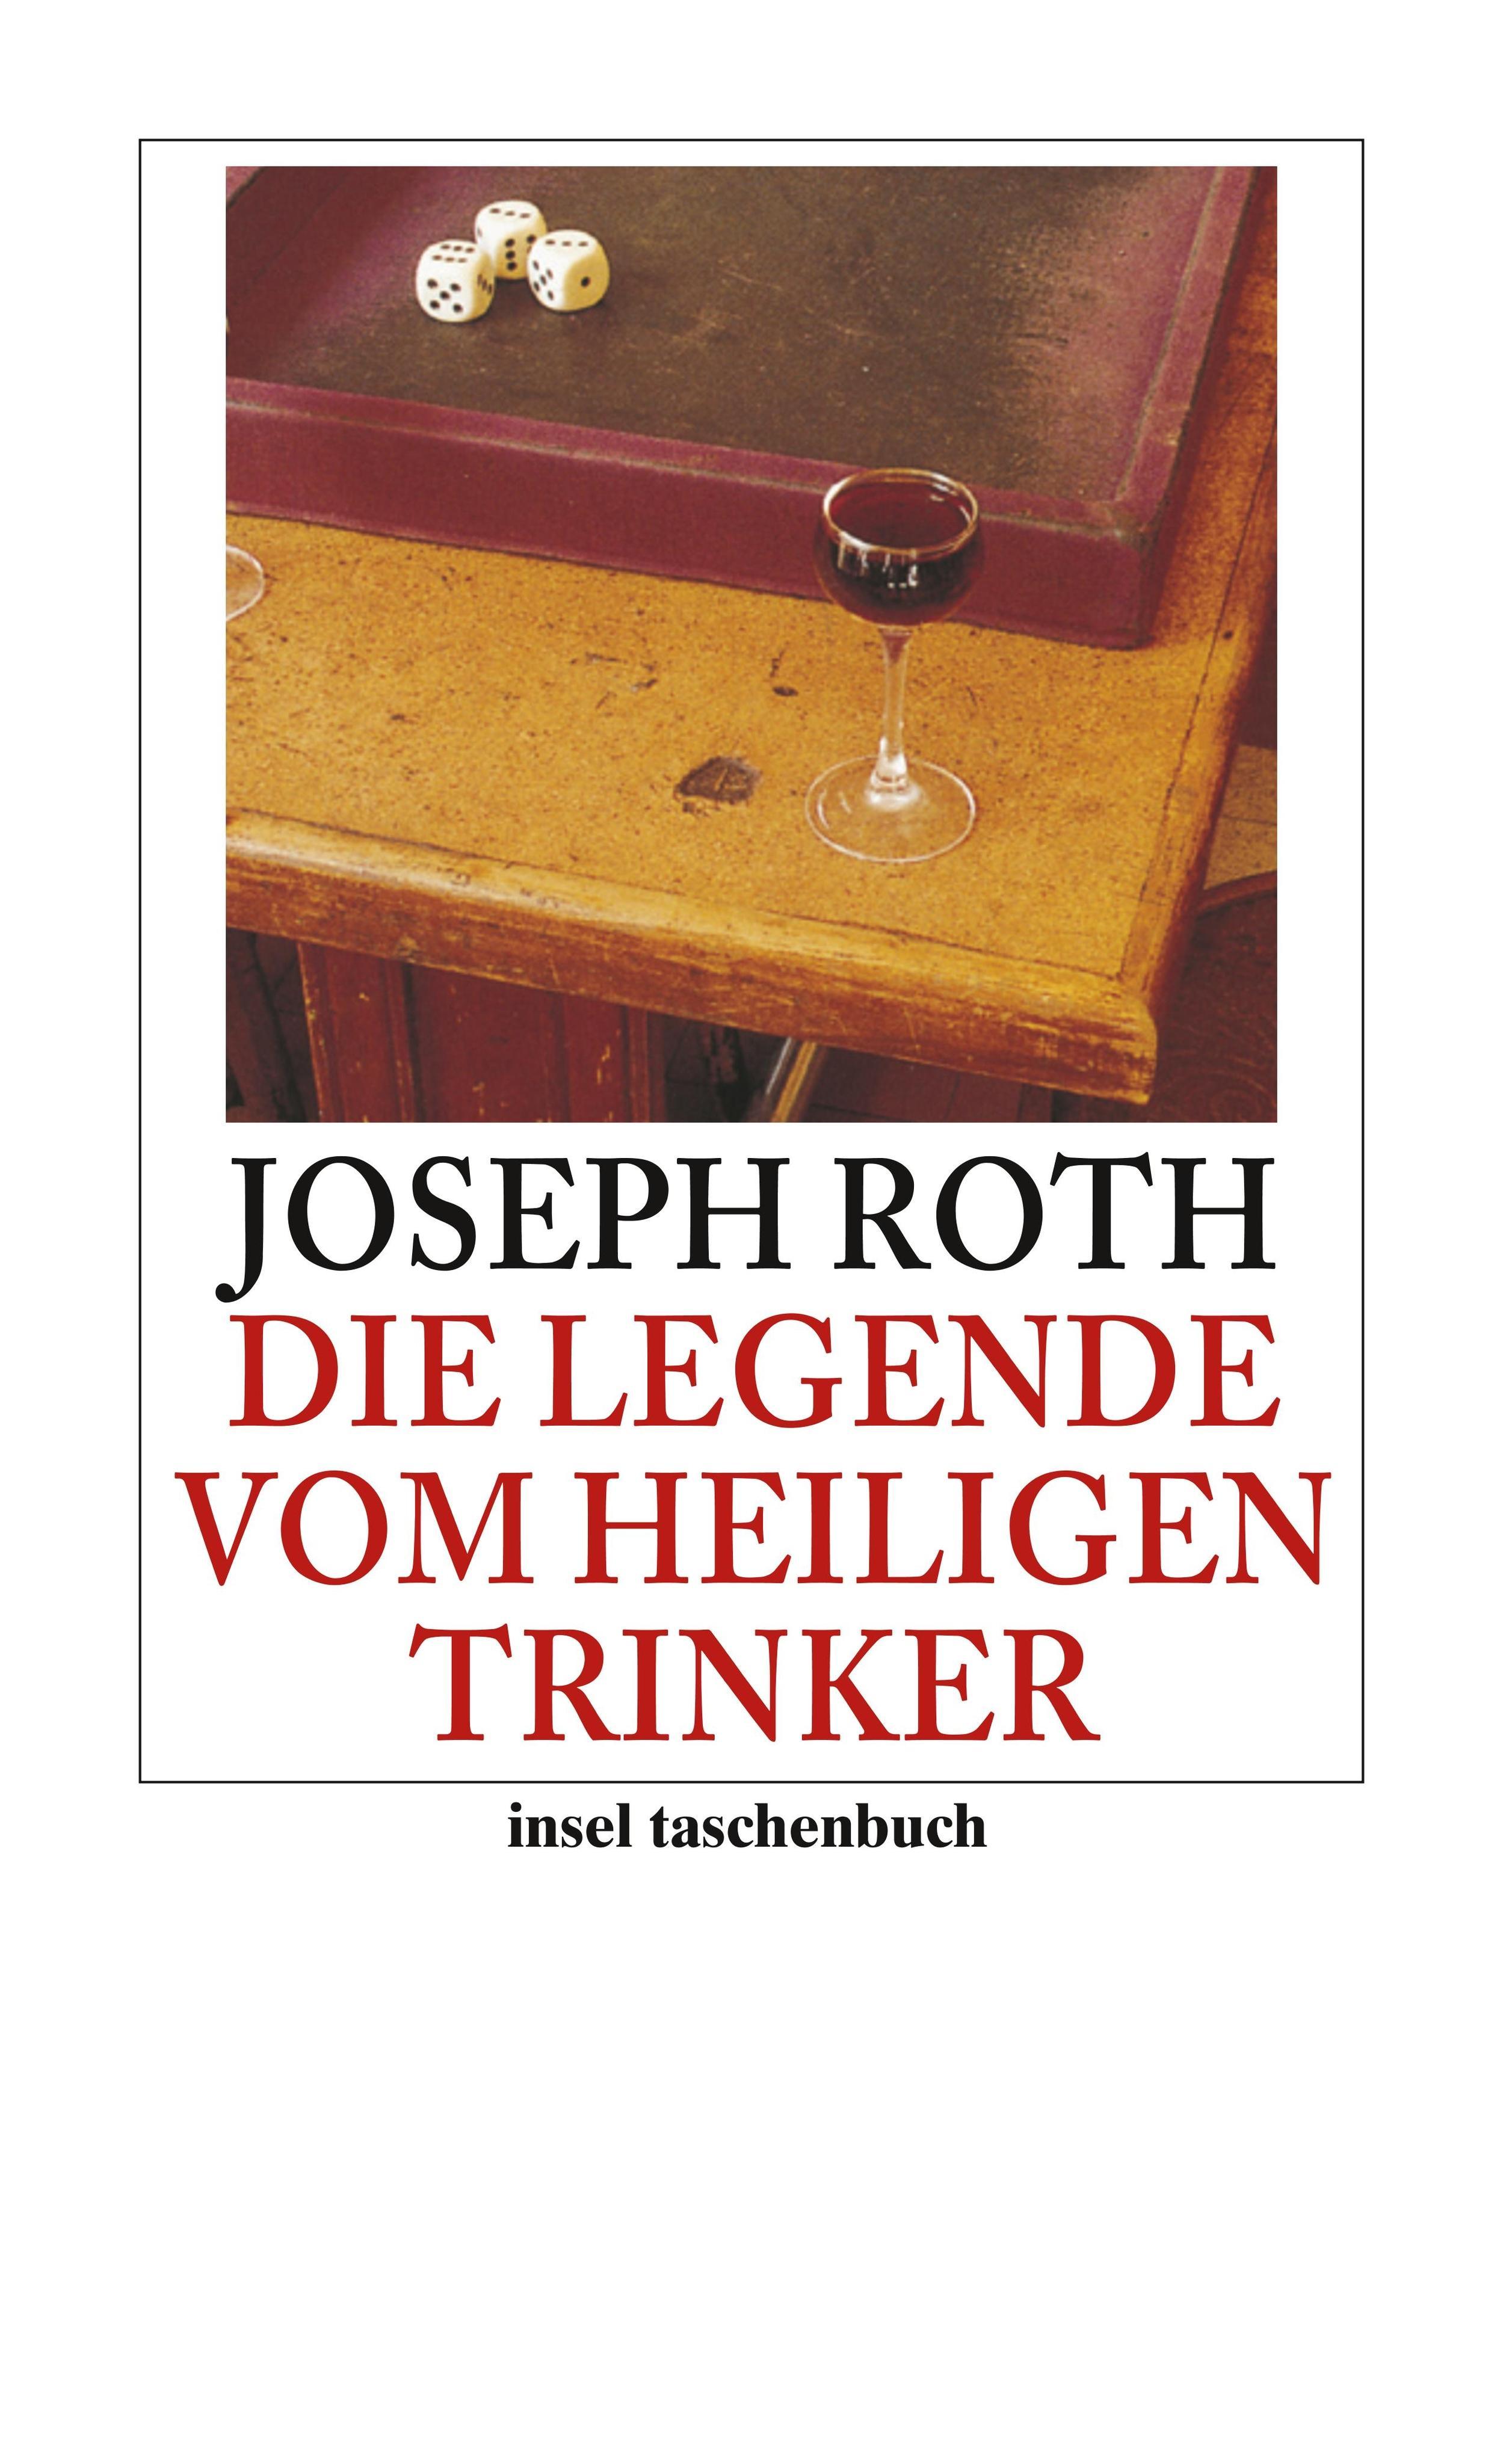 Die-Legende-vom-heiligen-Trinker-Joseph-Roth